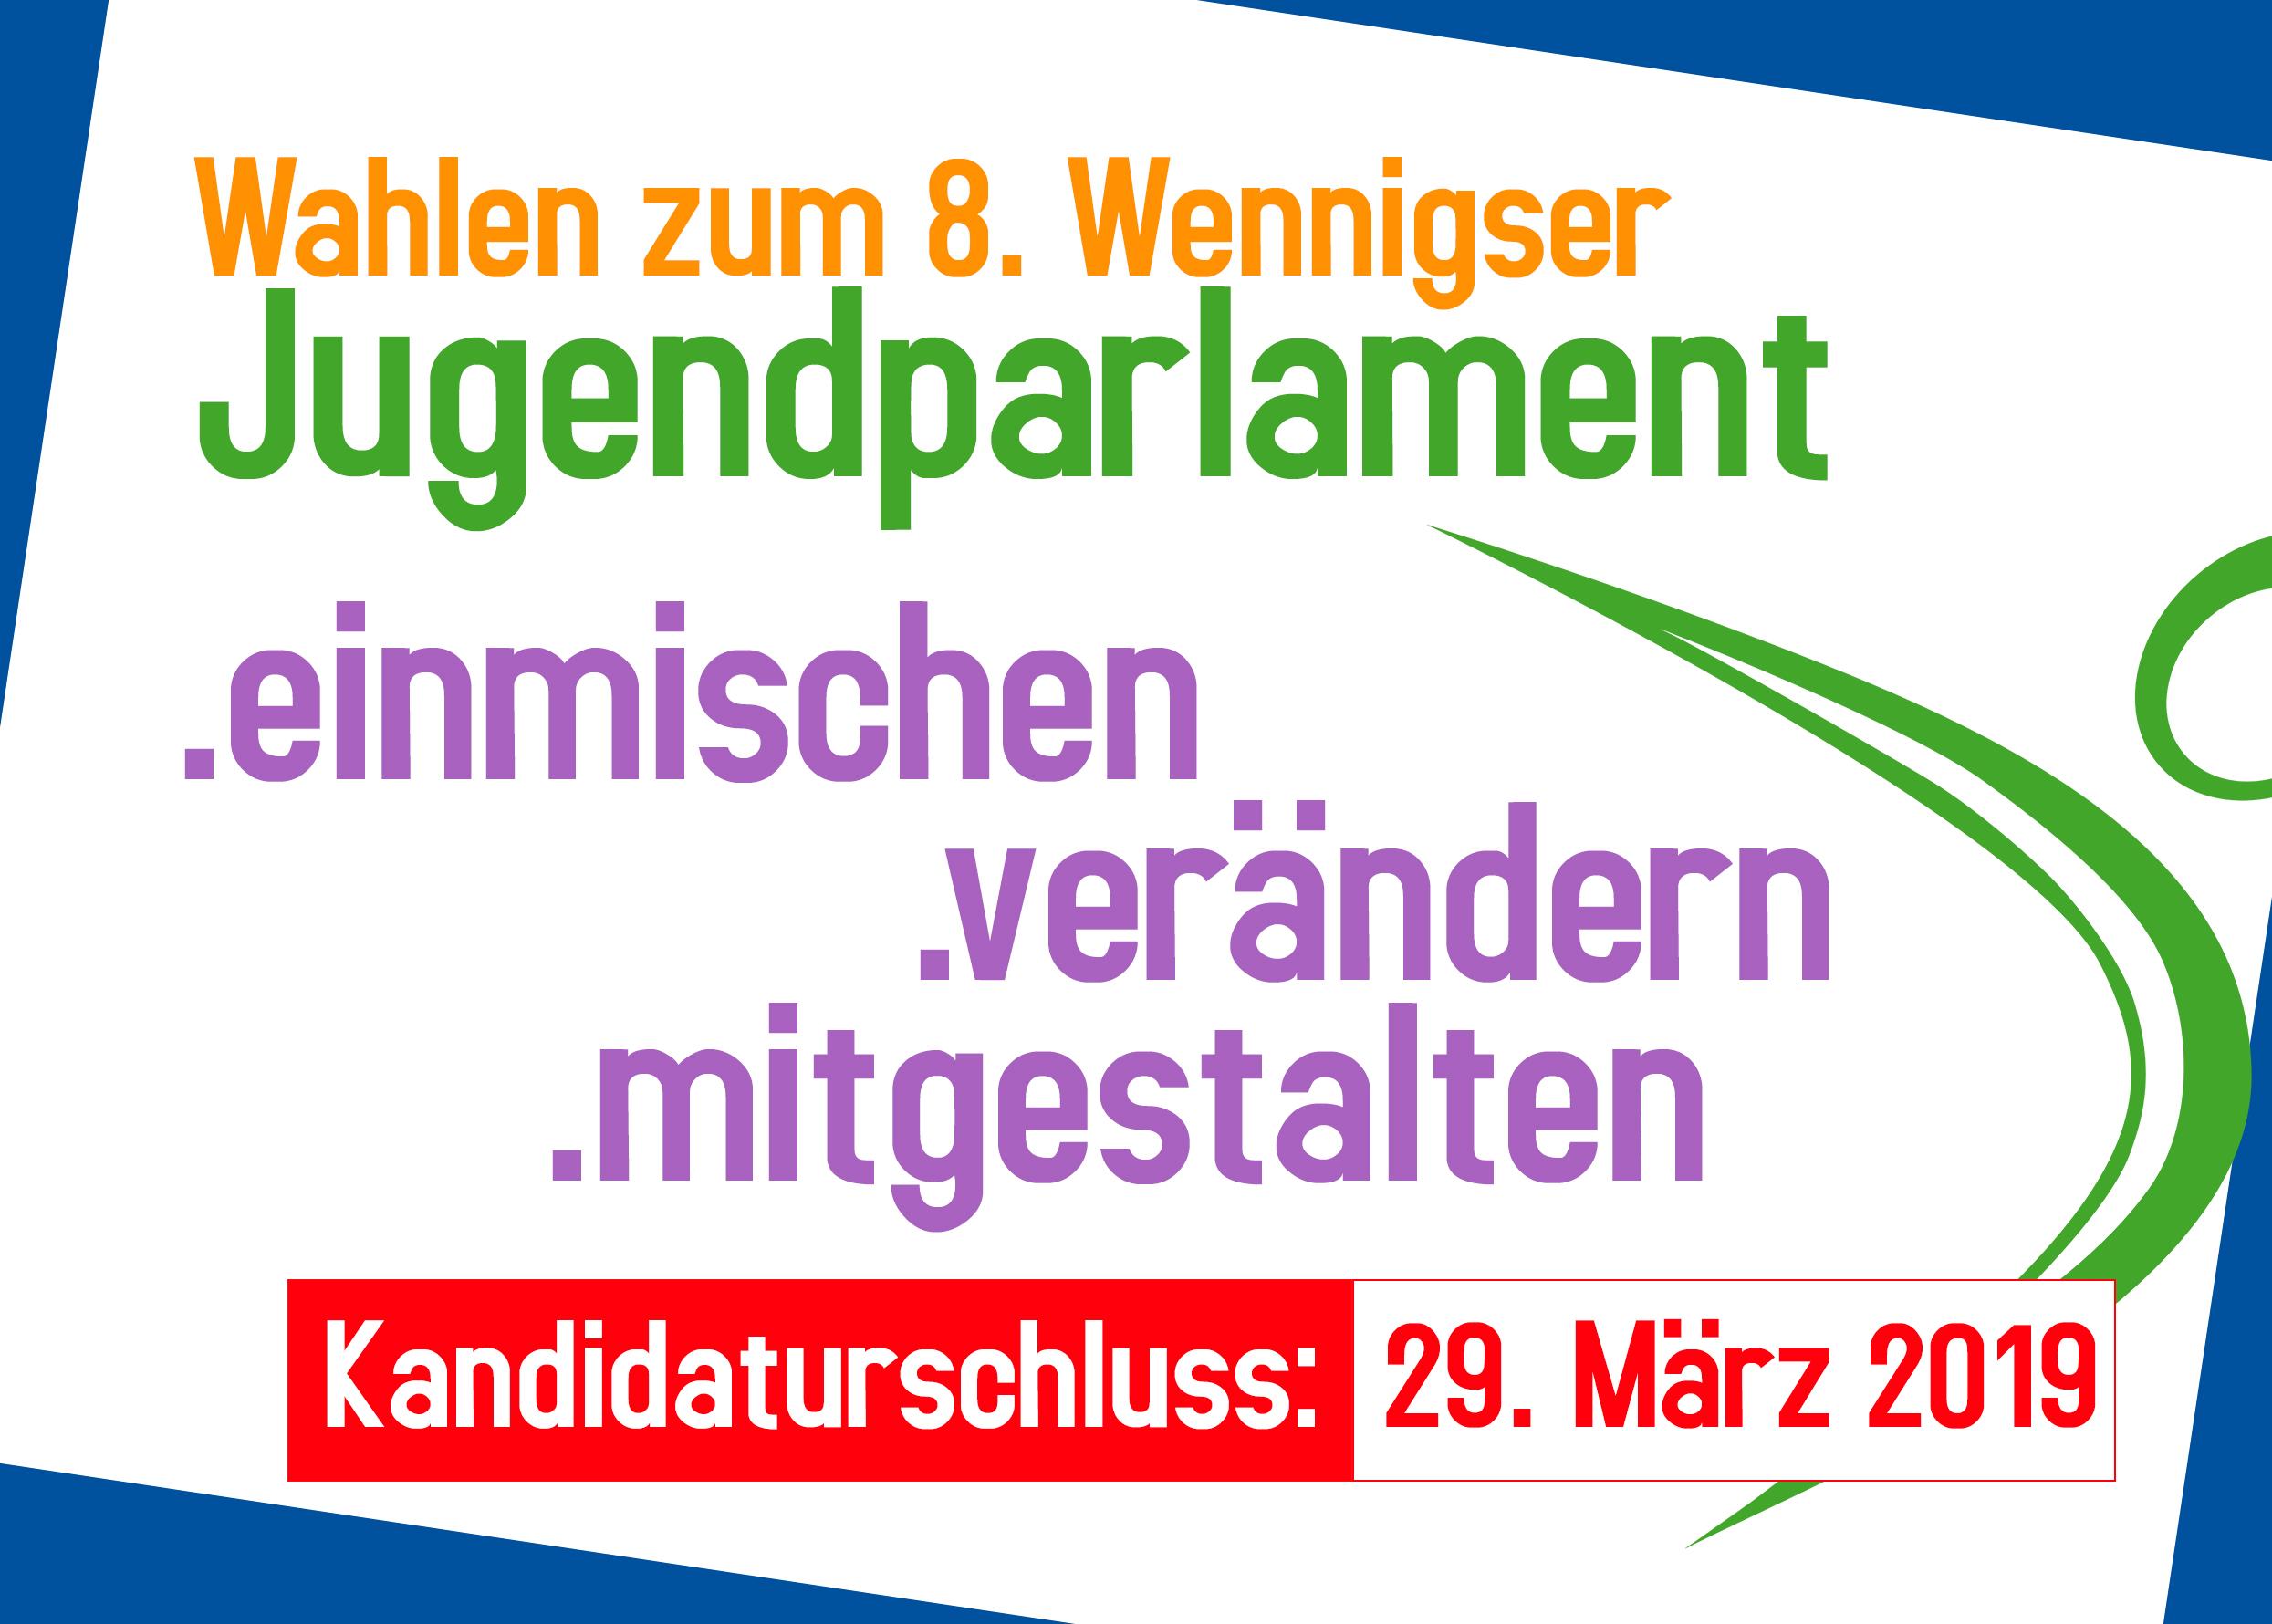 Wahlen zum 8. Wennigser Jugendparlament: Kandidaturfrist endet